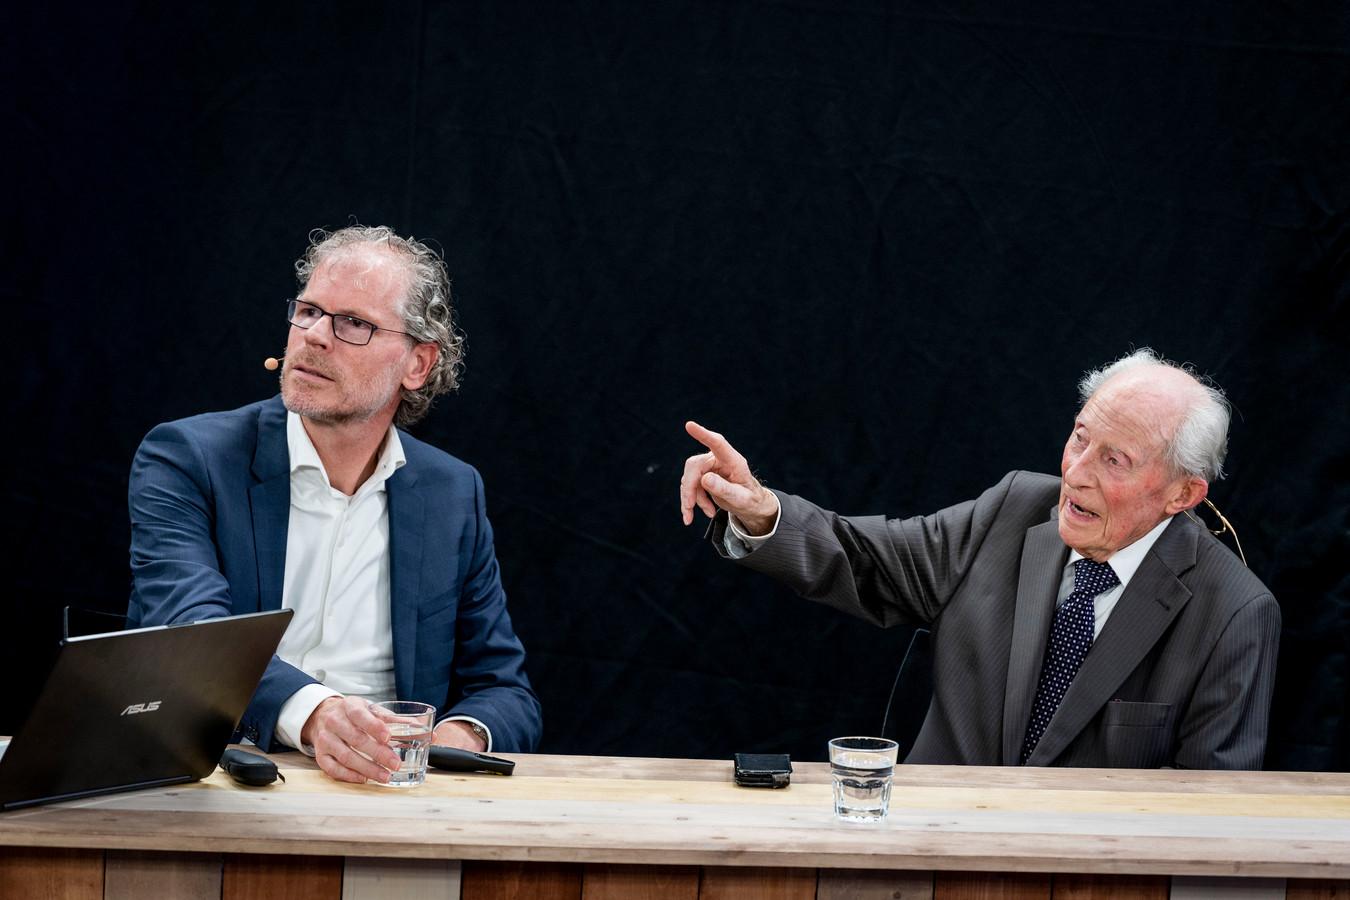 Wim Aloserij (94) met 120 lezers in studio bij presentatie van zijn boek 'De laatste getuige' over zijn ontberingen en gevangenschap in WOII schrijver Frank Krake